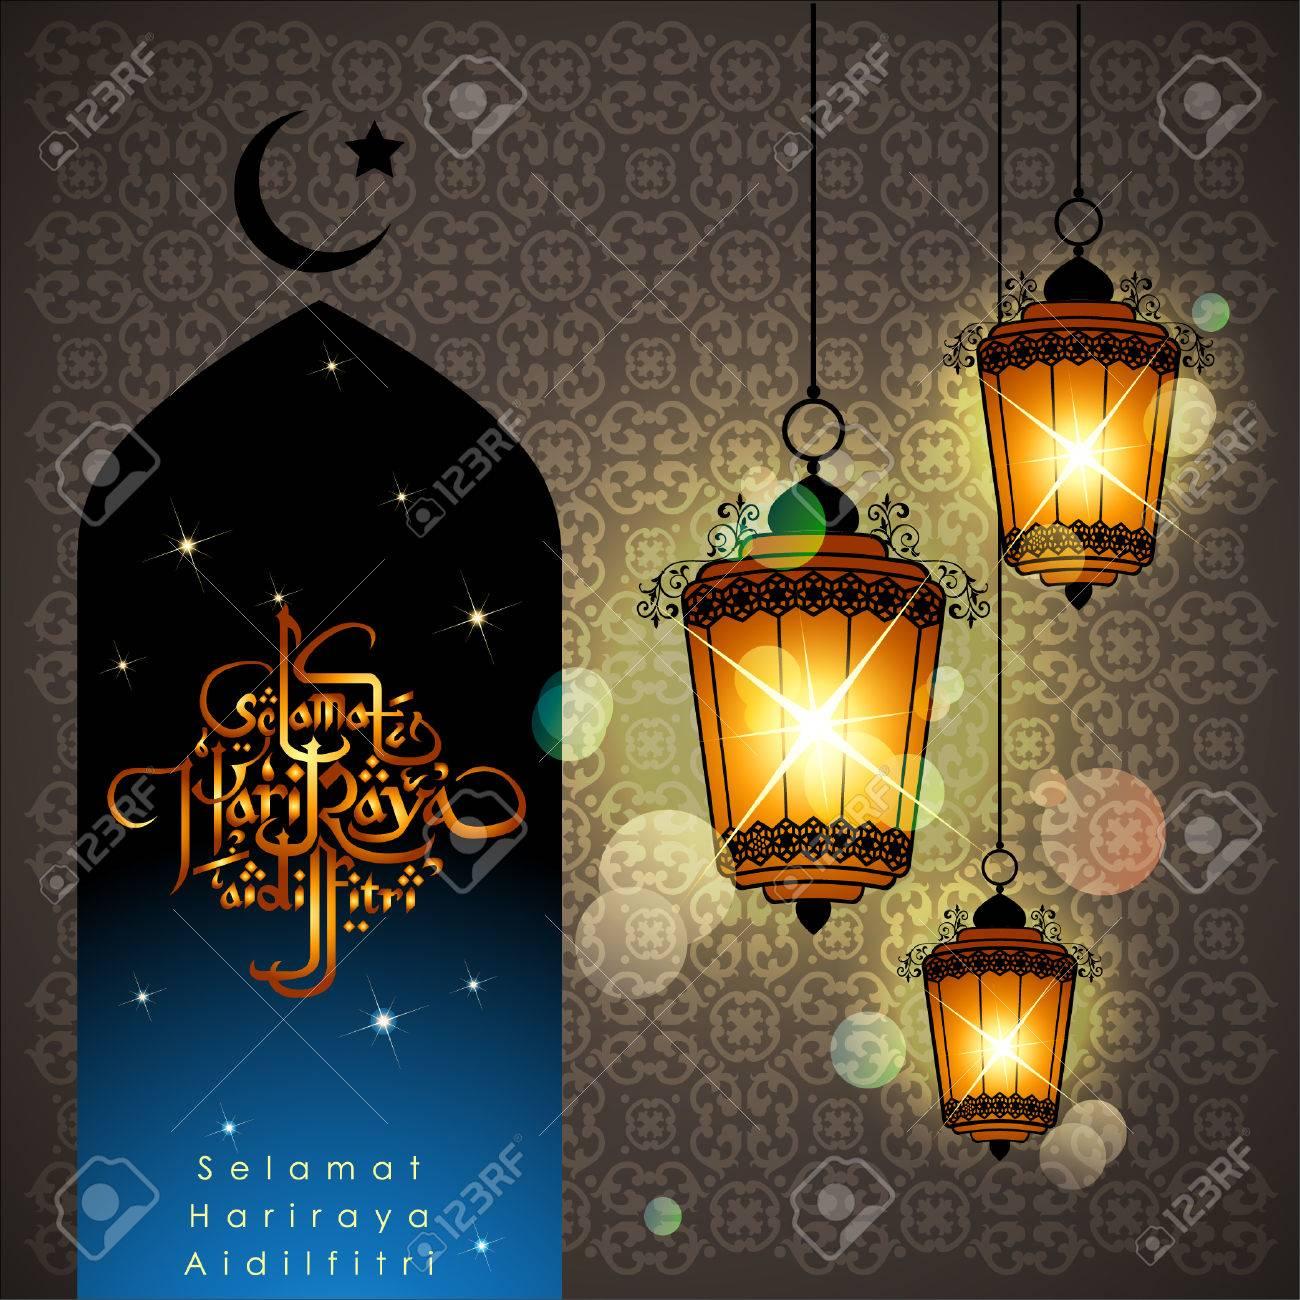 Wonderful Hari Raya Eid Al-Fitr Food - 38307885-aidilfitri-graphic-design-selama-t-hari-raya-aidilfitri-literally-means-feast-of-eid-al-fitr-with-il  Photograph_179758 .jpg